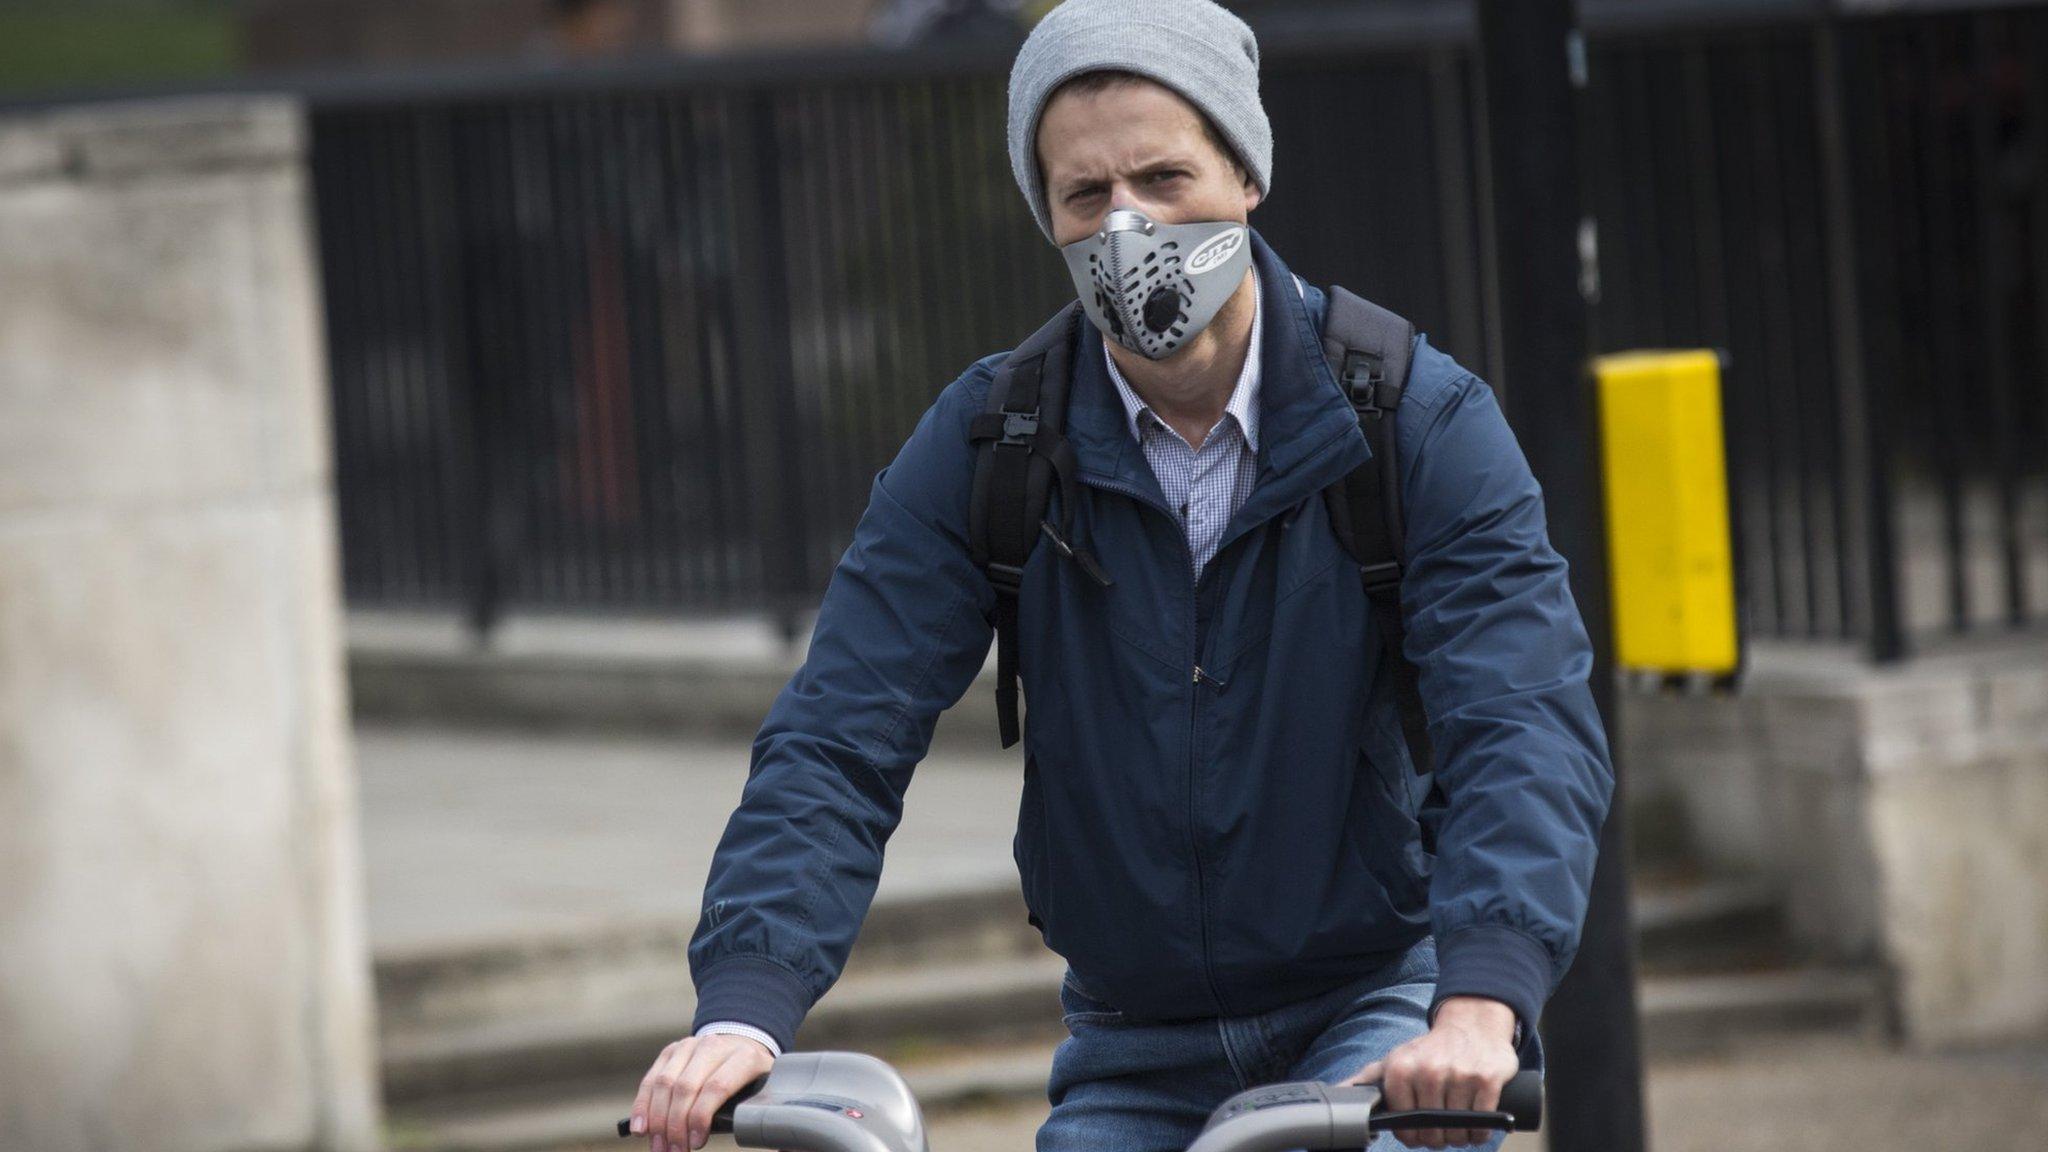 Грязный воздух портит общественную мораль